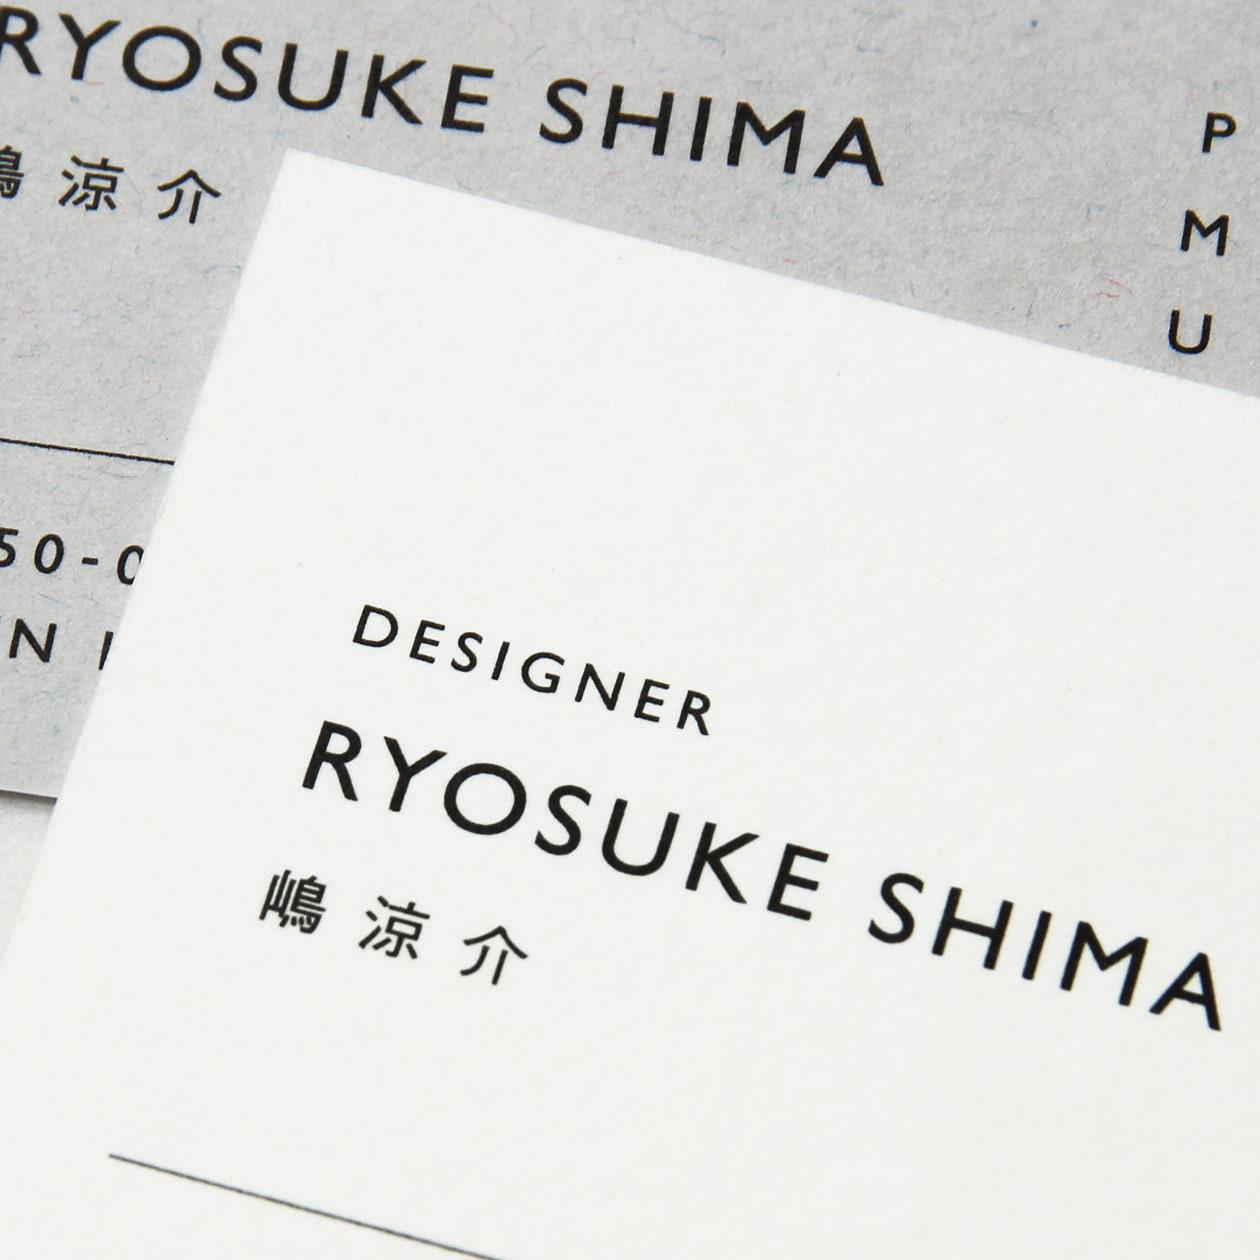 マットな質感の紙素材と箔押し加工でつくる デザイン事務所の名刺